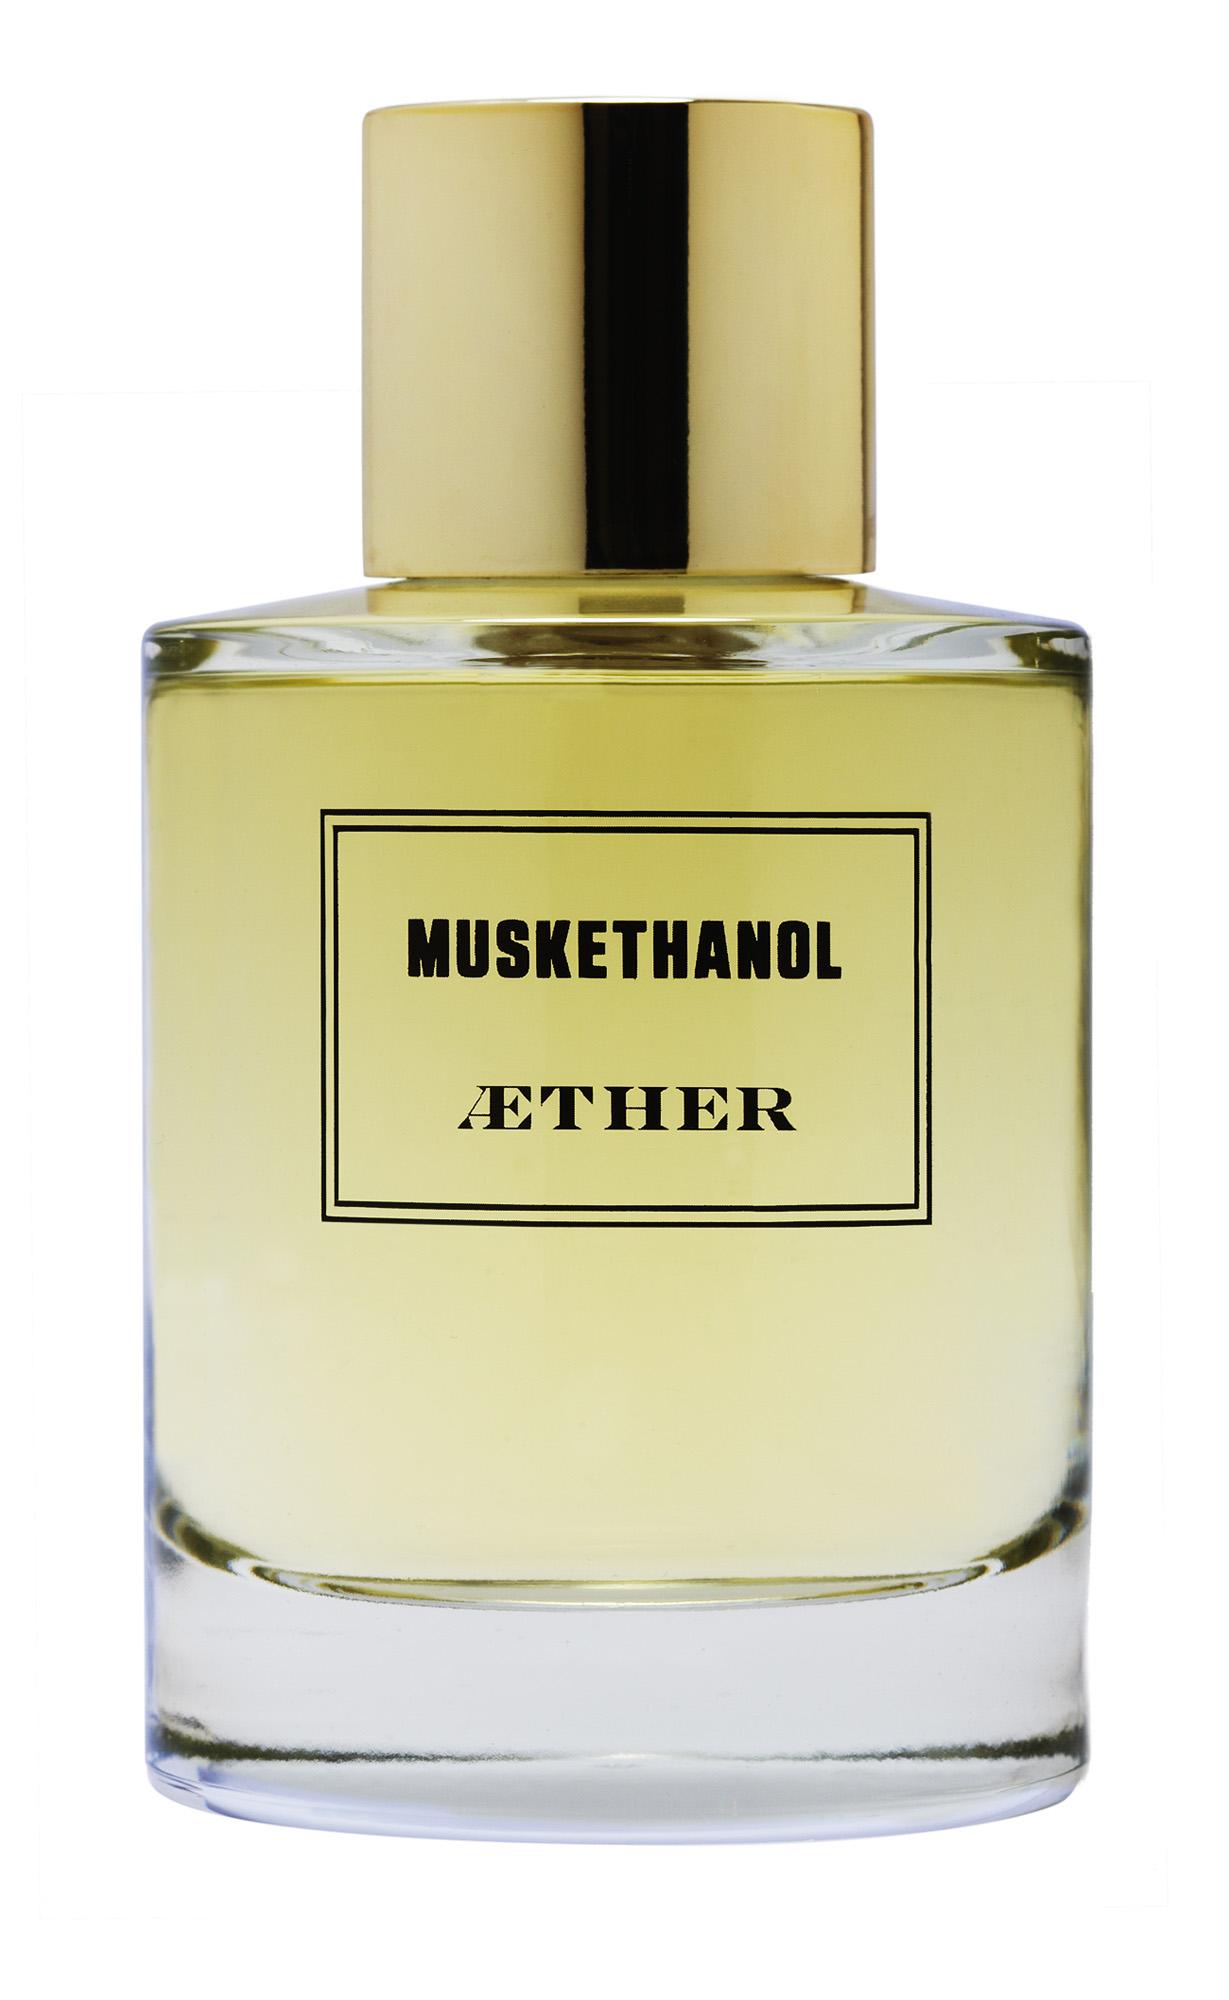 Aether Muskethanol Eau de Parfum Nat. Spray 100 ml 812509